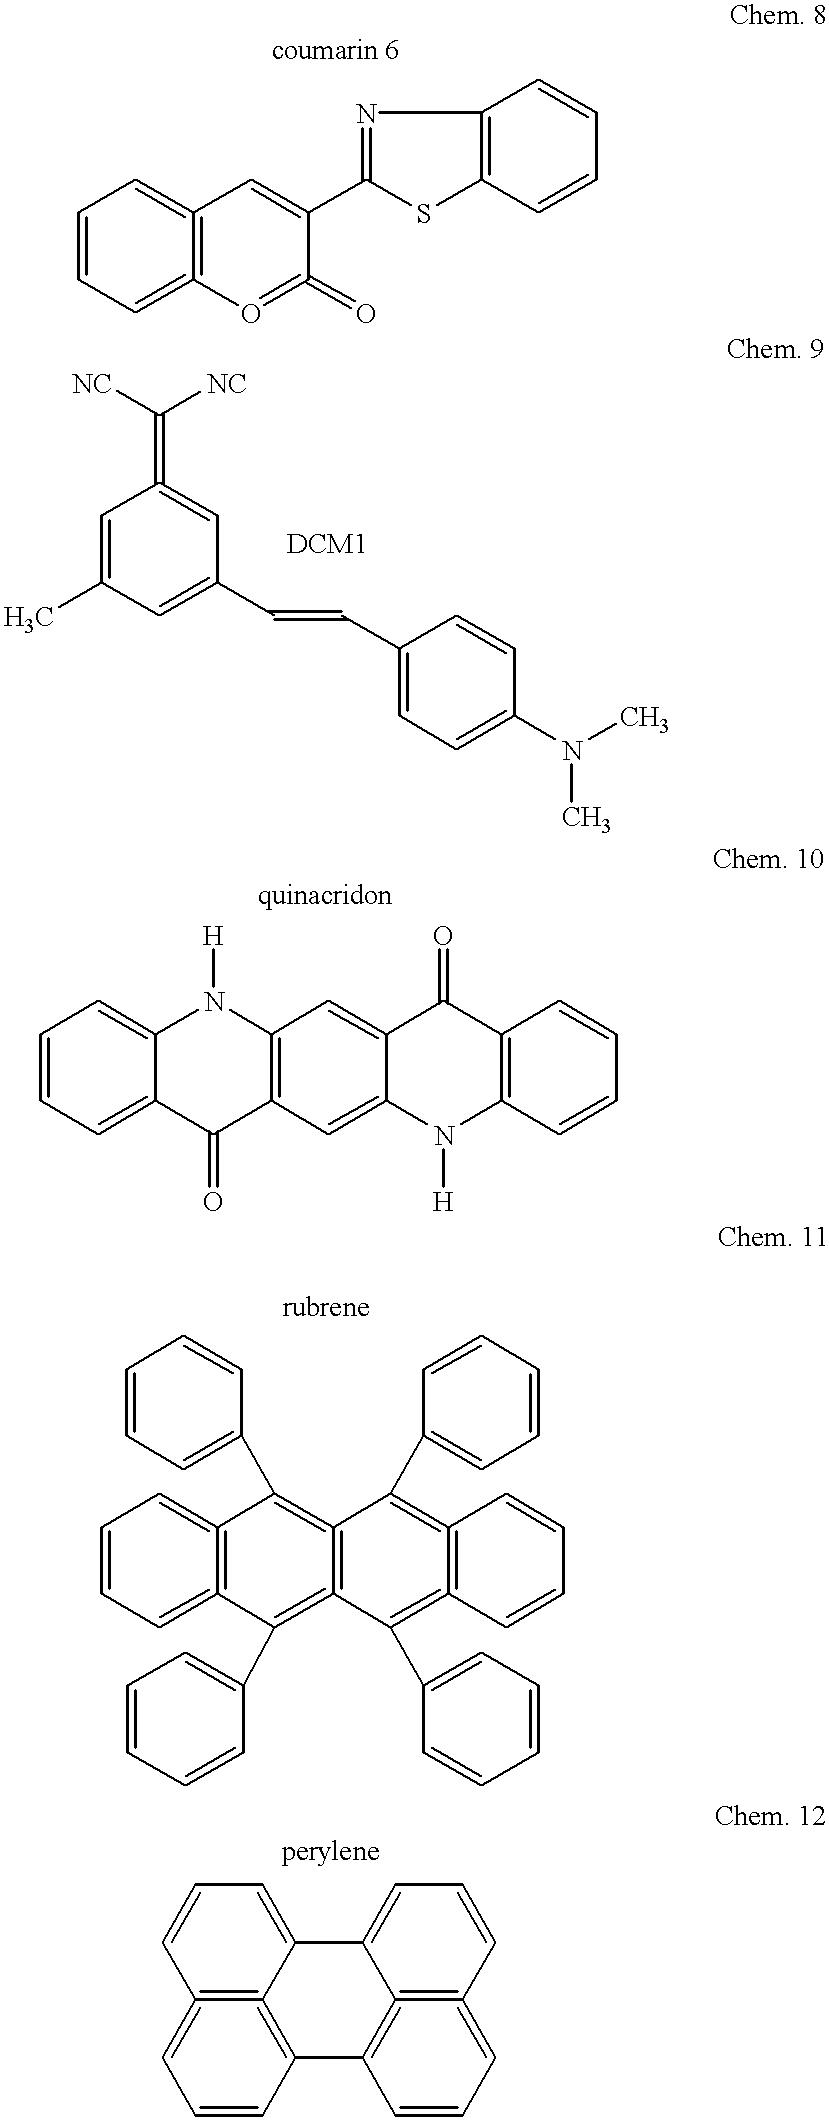 Figure US20010031509A1-20011018-C00002